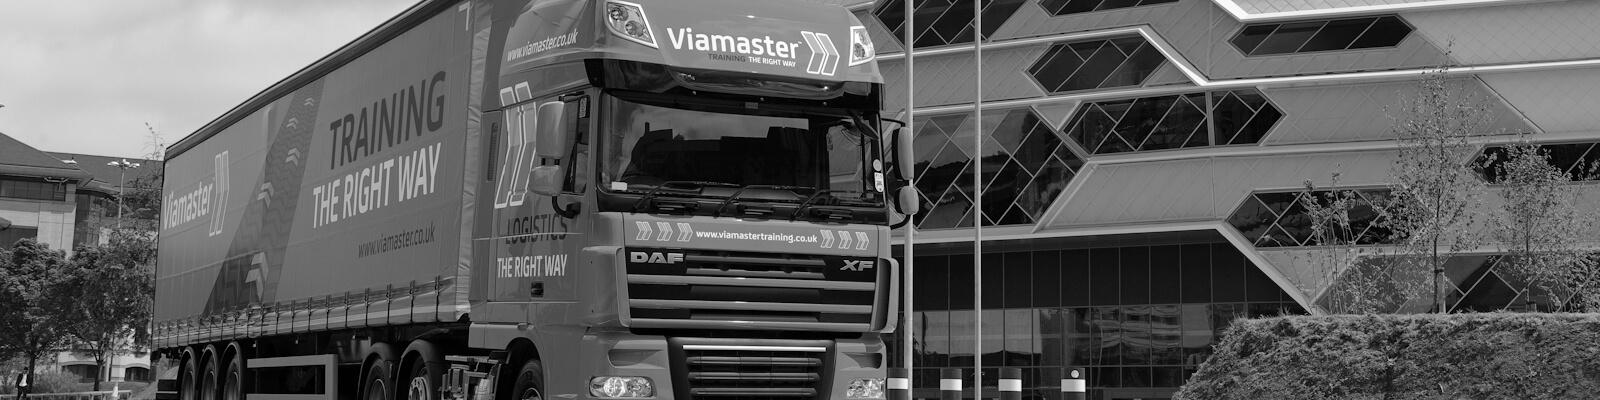 Viamaster Training lorry